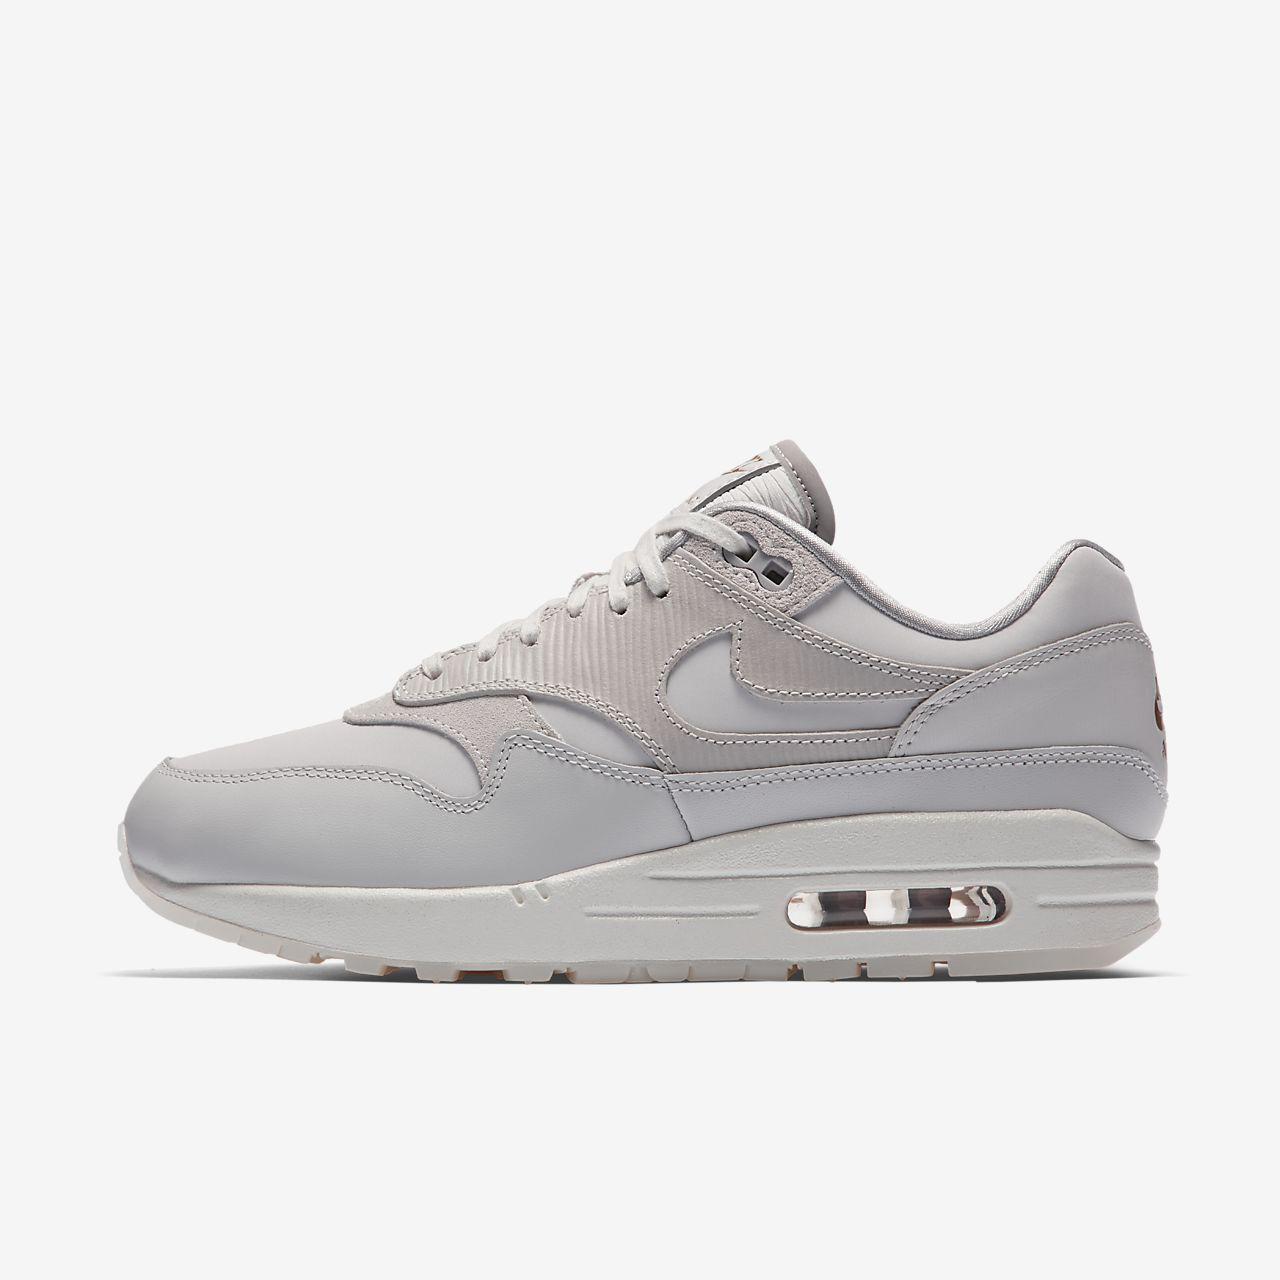 W Max Air Zéro Prm - Chaussures Pour Femmes / Noir Nike 6JnfrsQG77